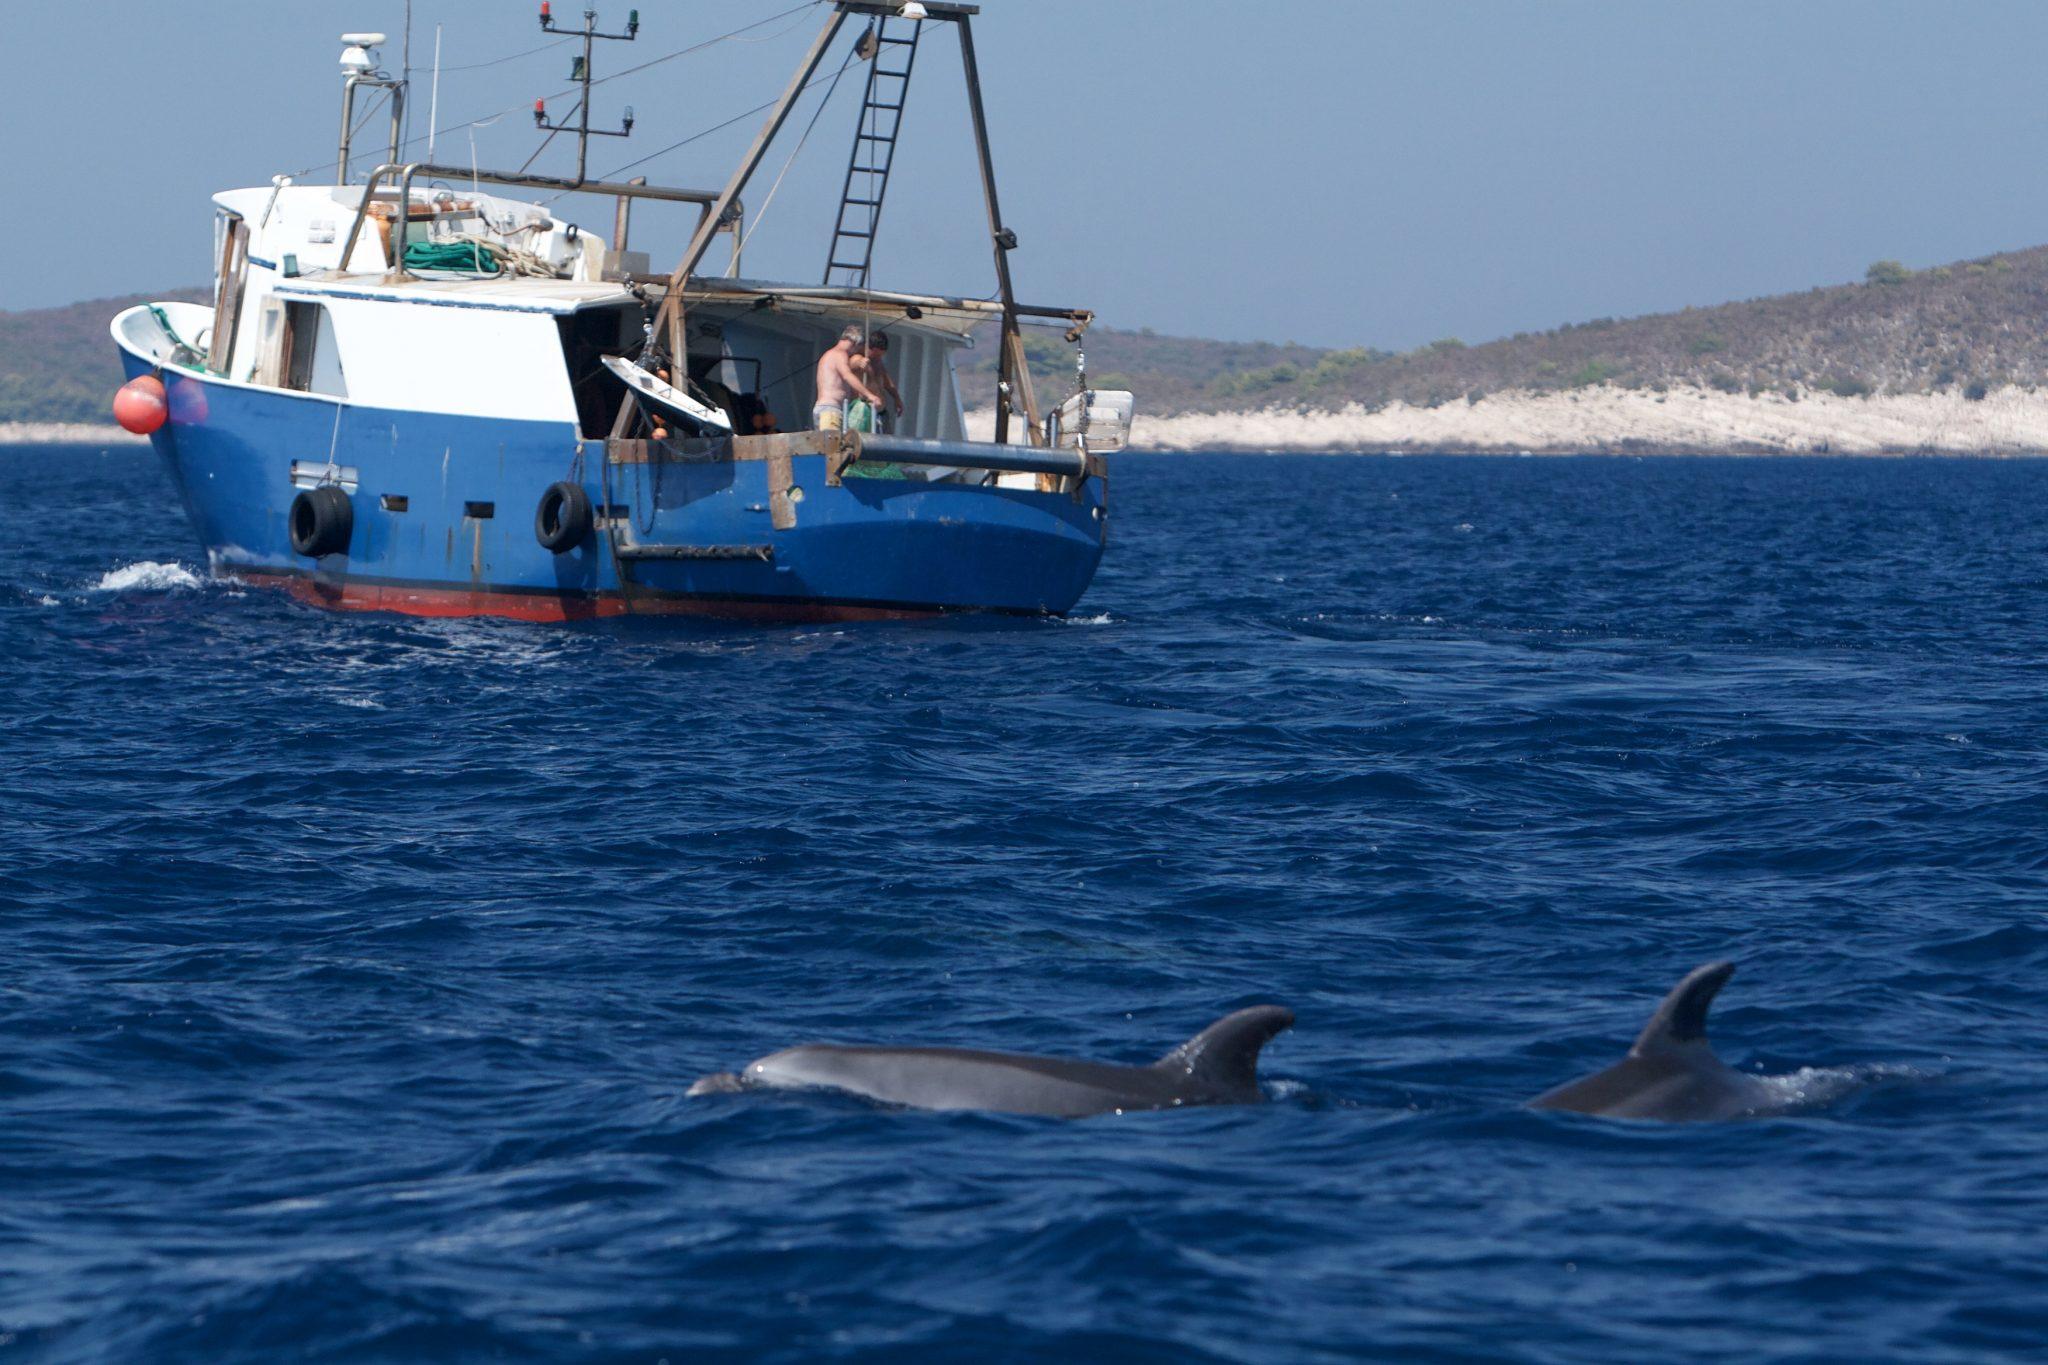 softver za društvene mreže za druženje s delfinima se khloe kardashian datira iz francuske Montane